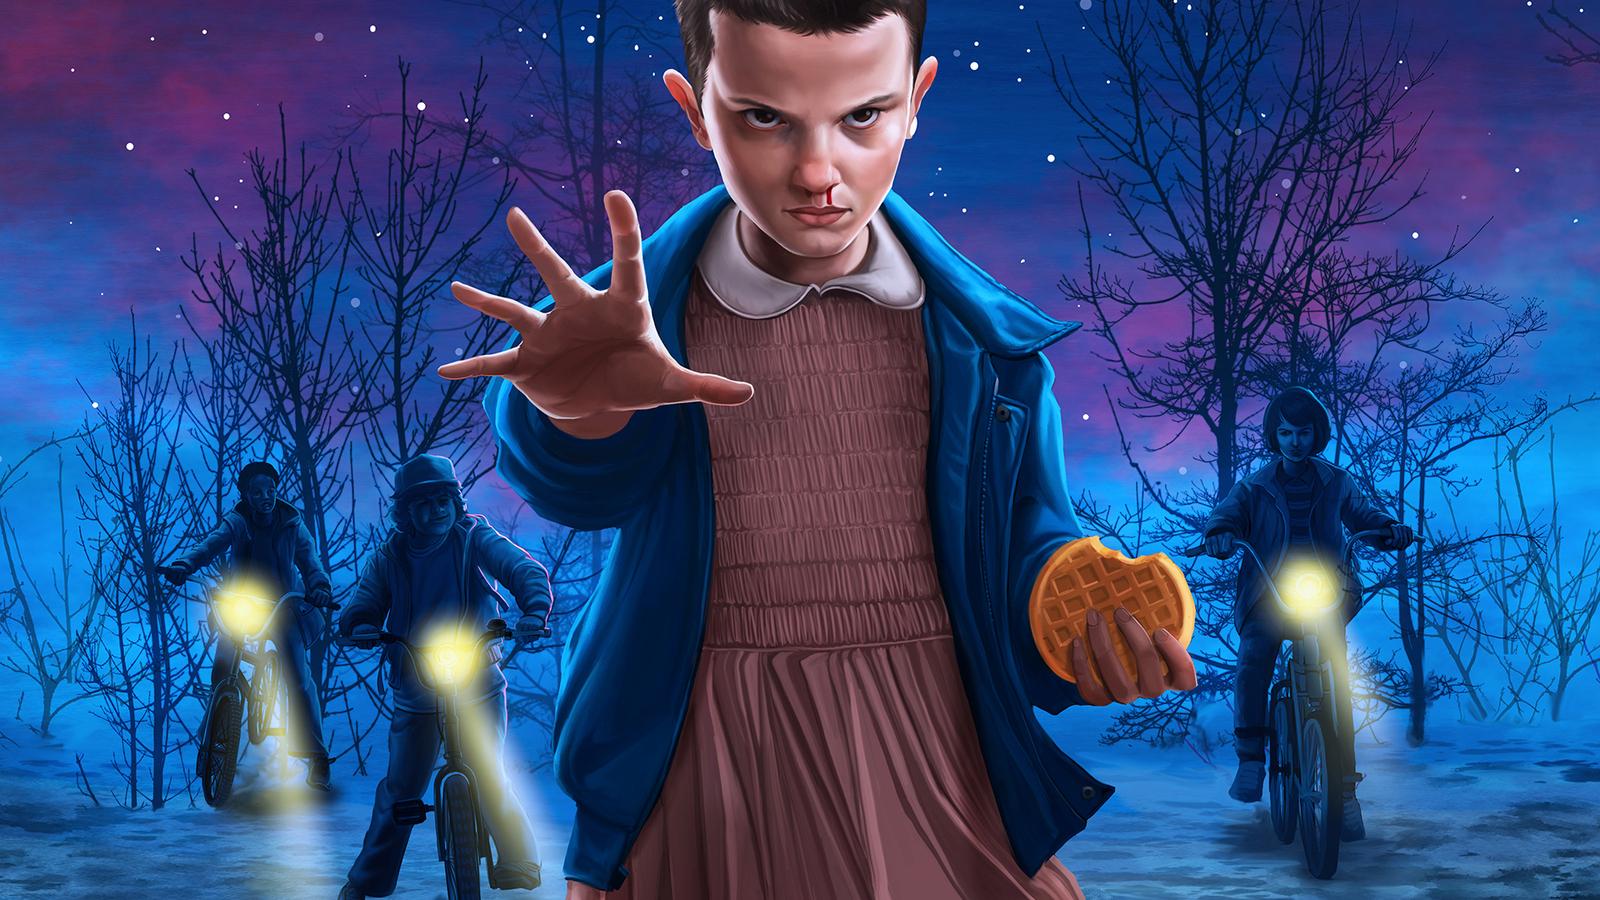 stranger-things-eleven-art-nw.jpg